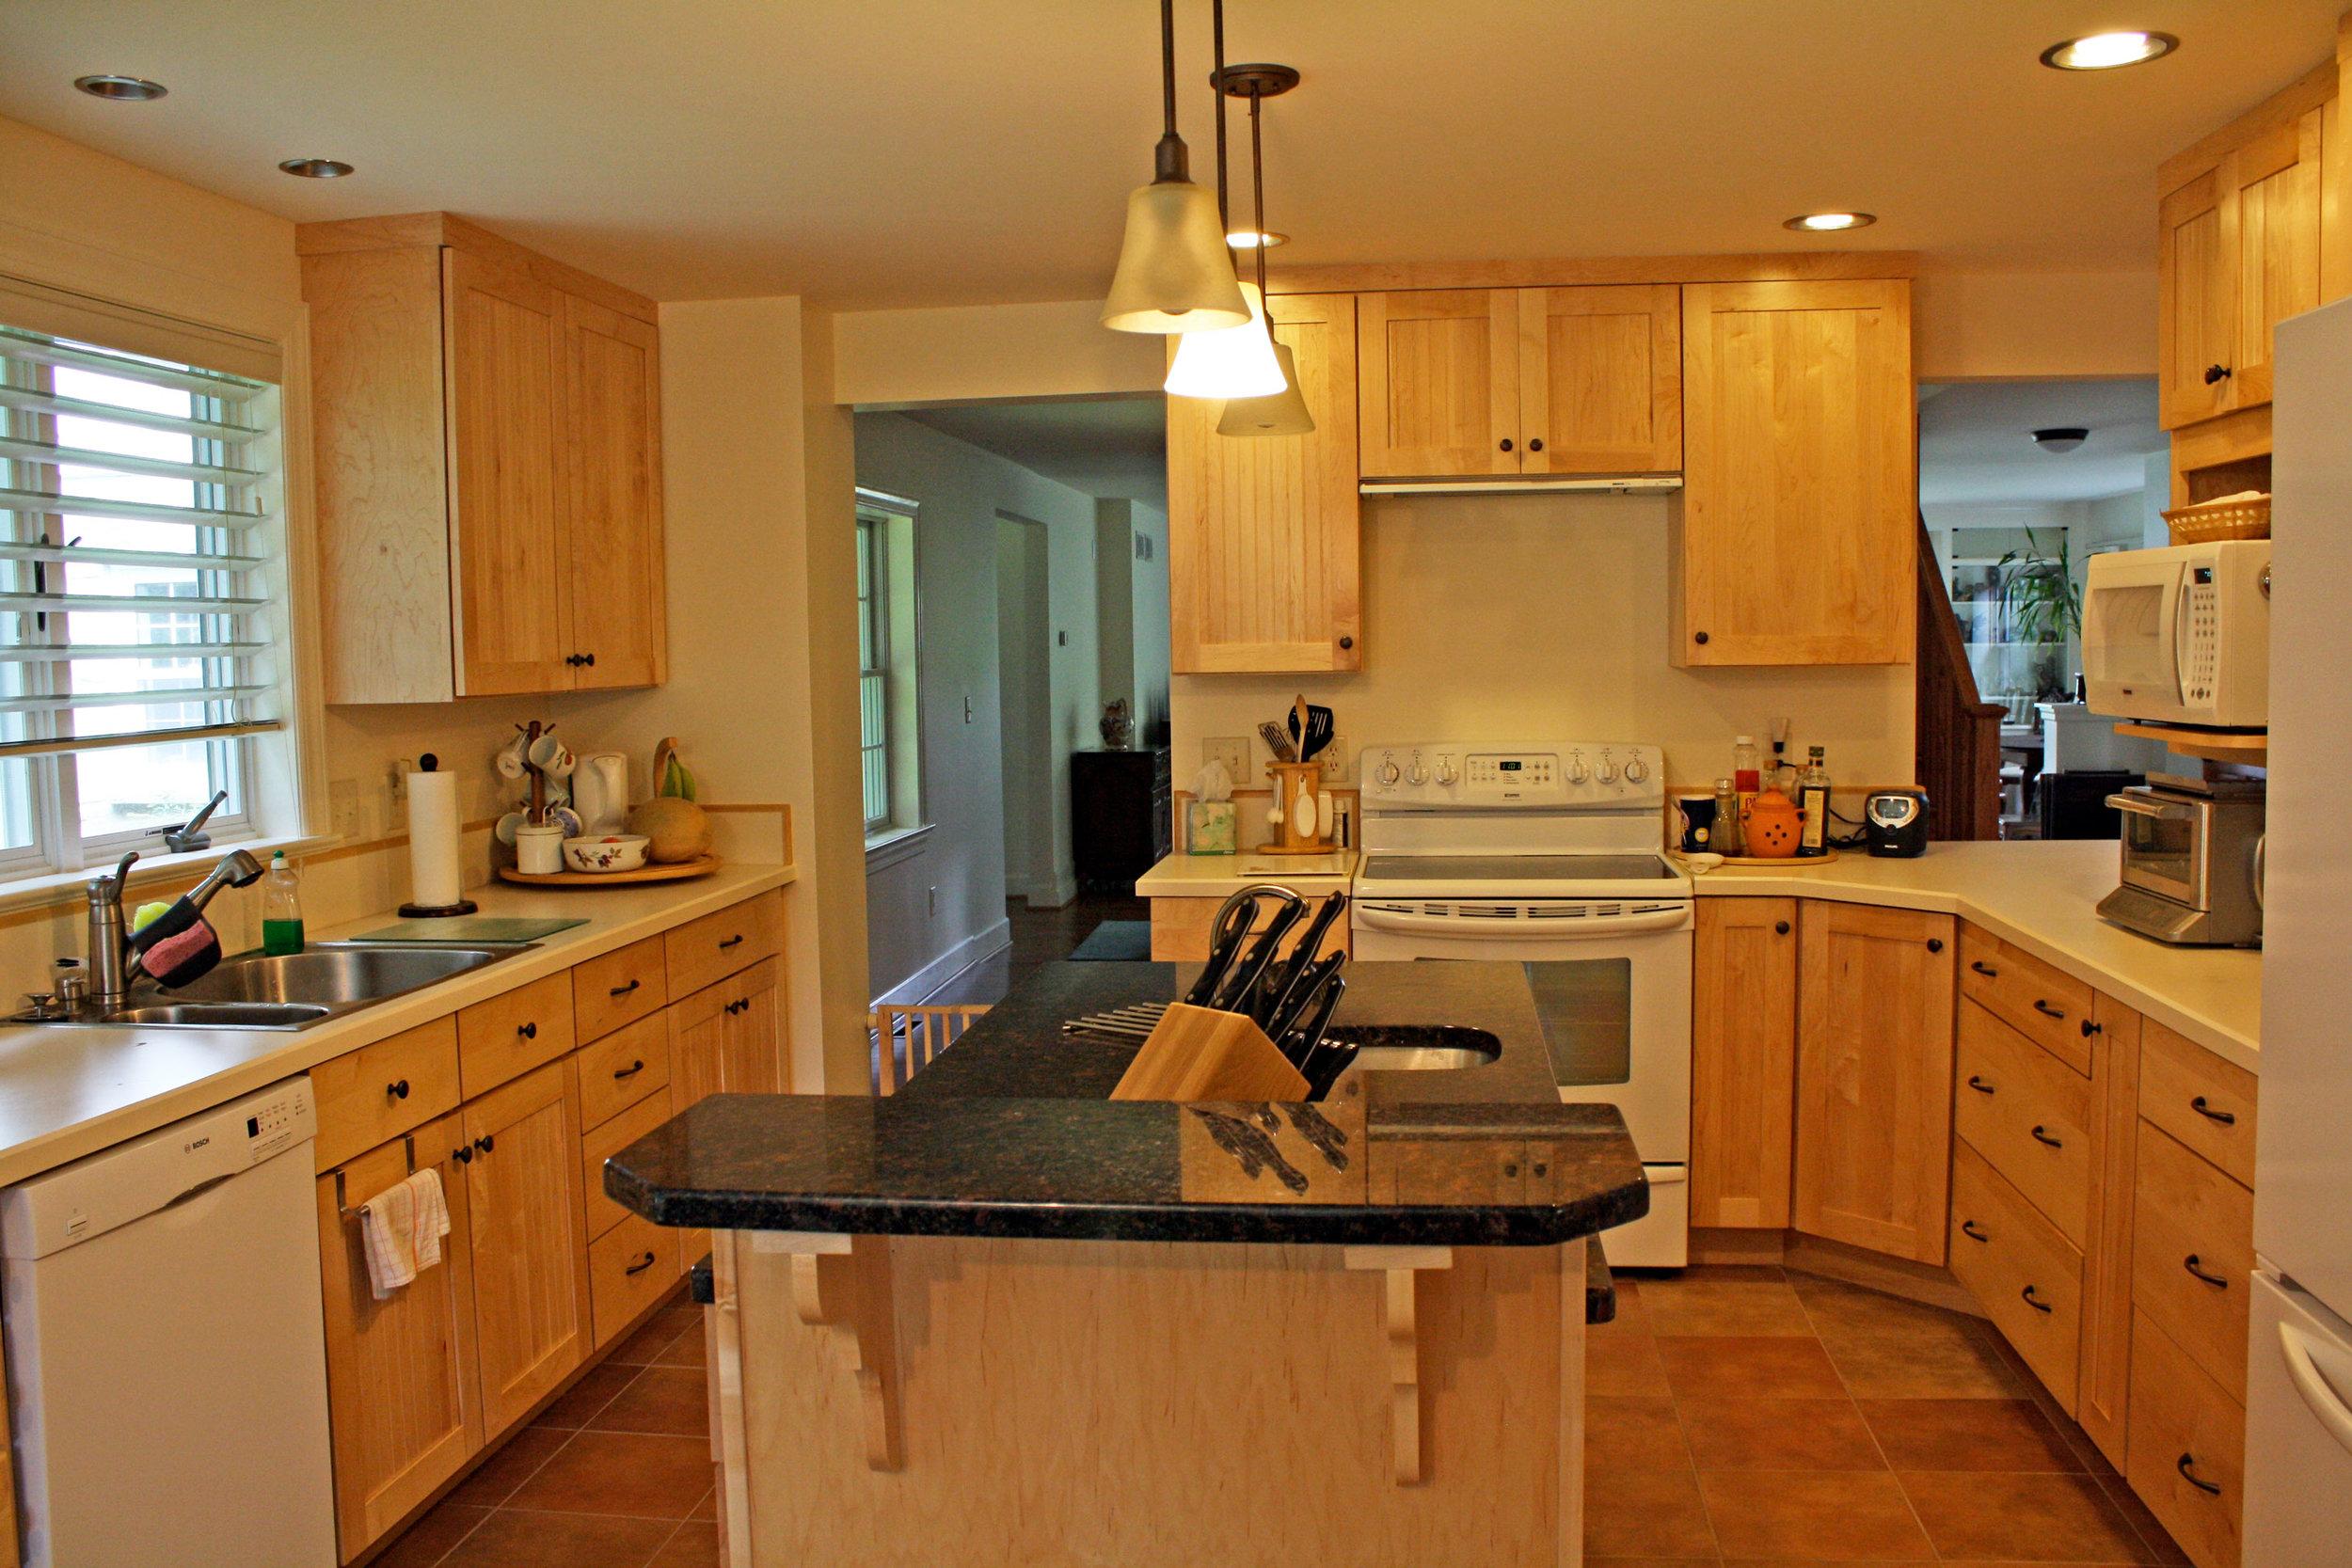 kitchen-maple-cabinets.jpg